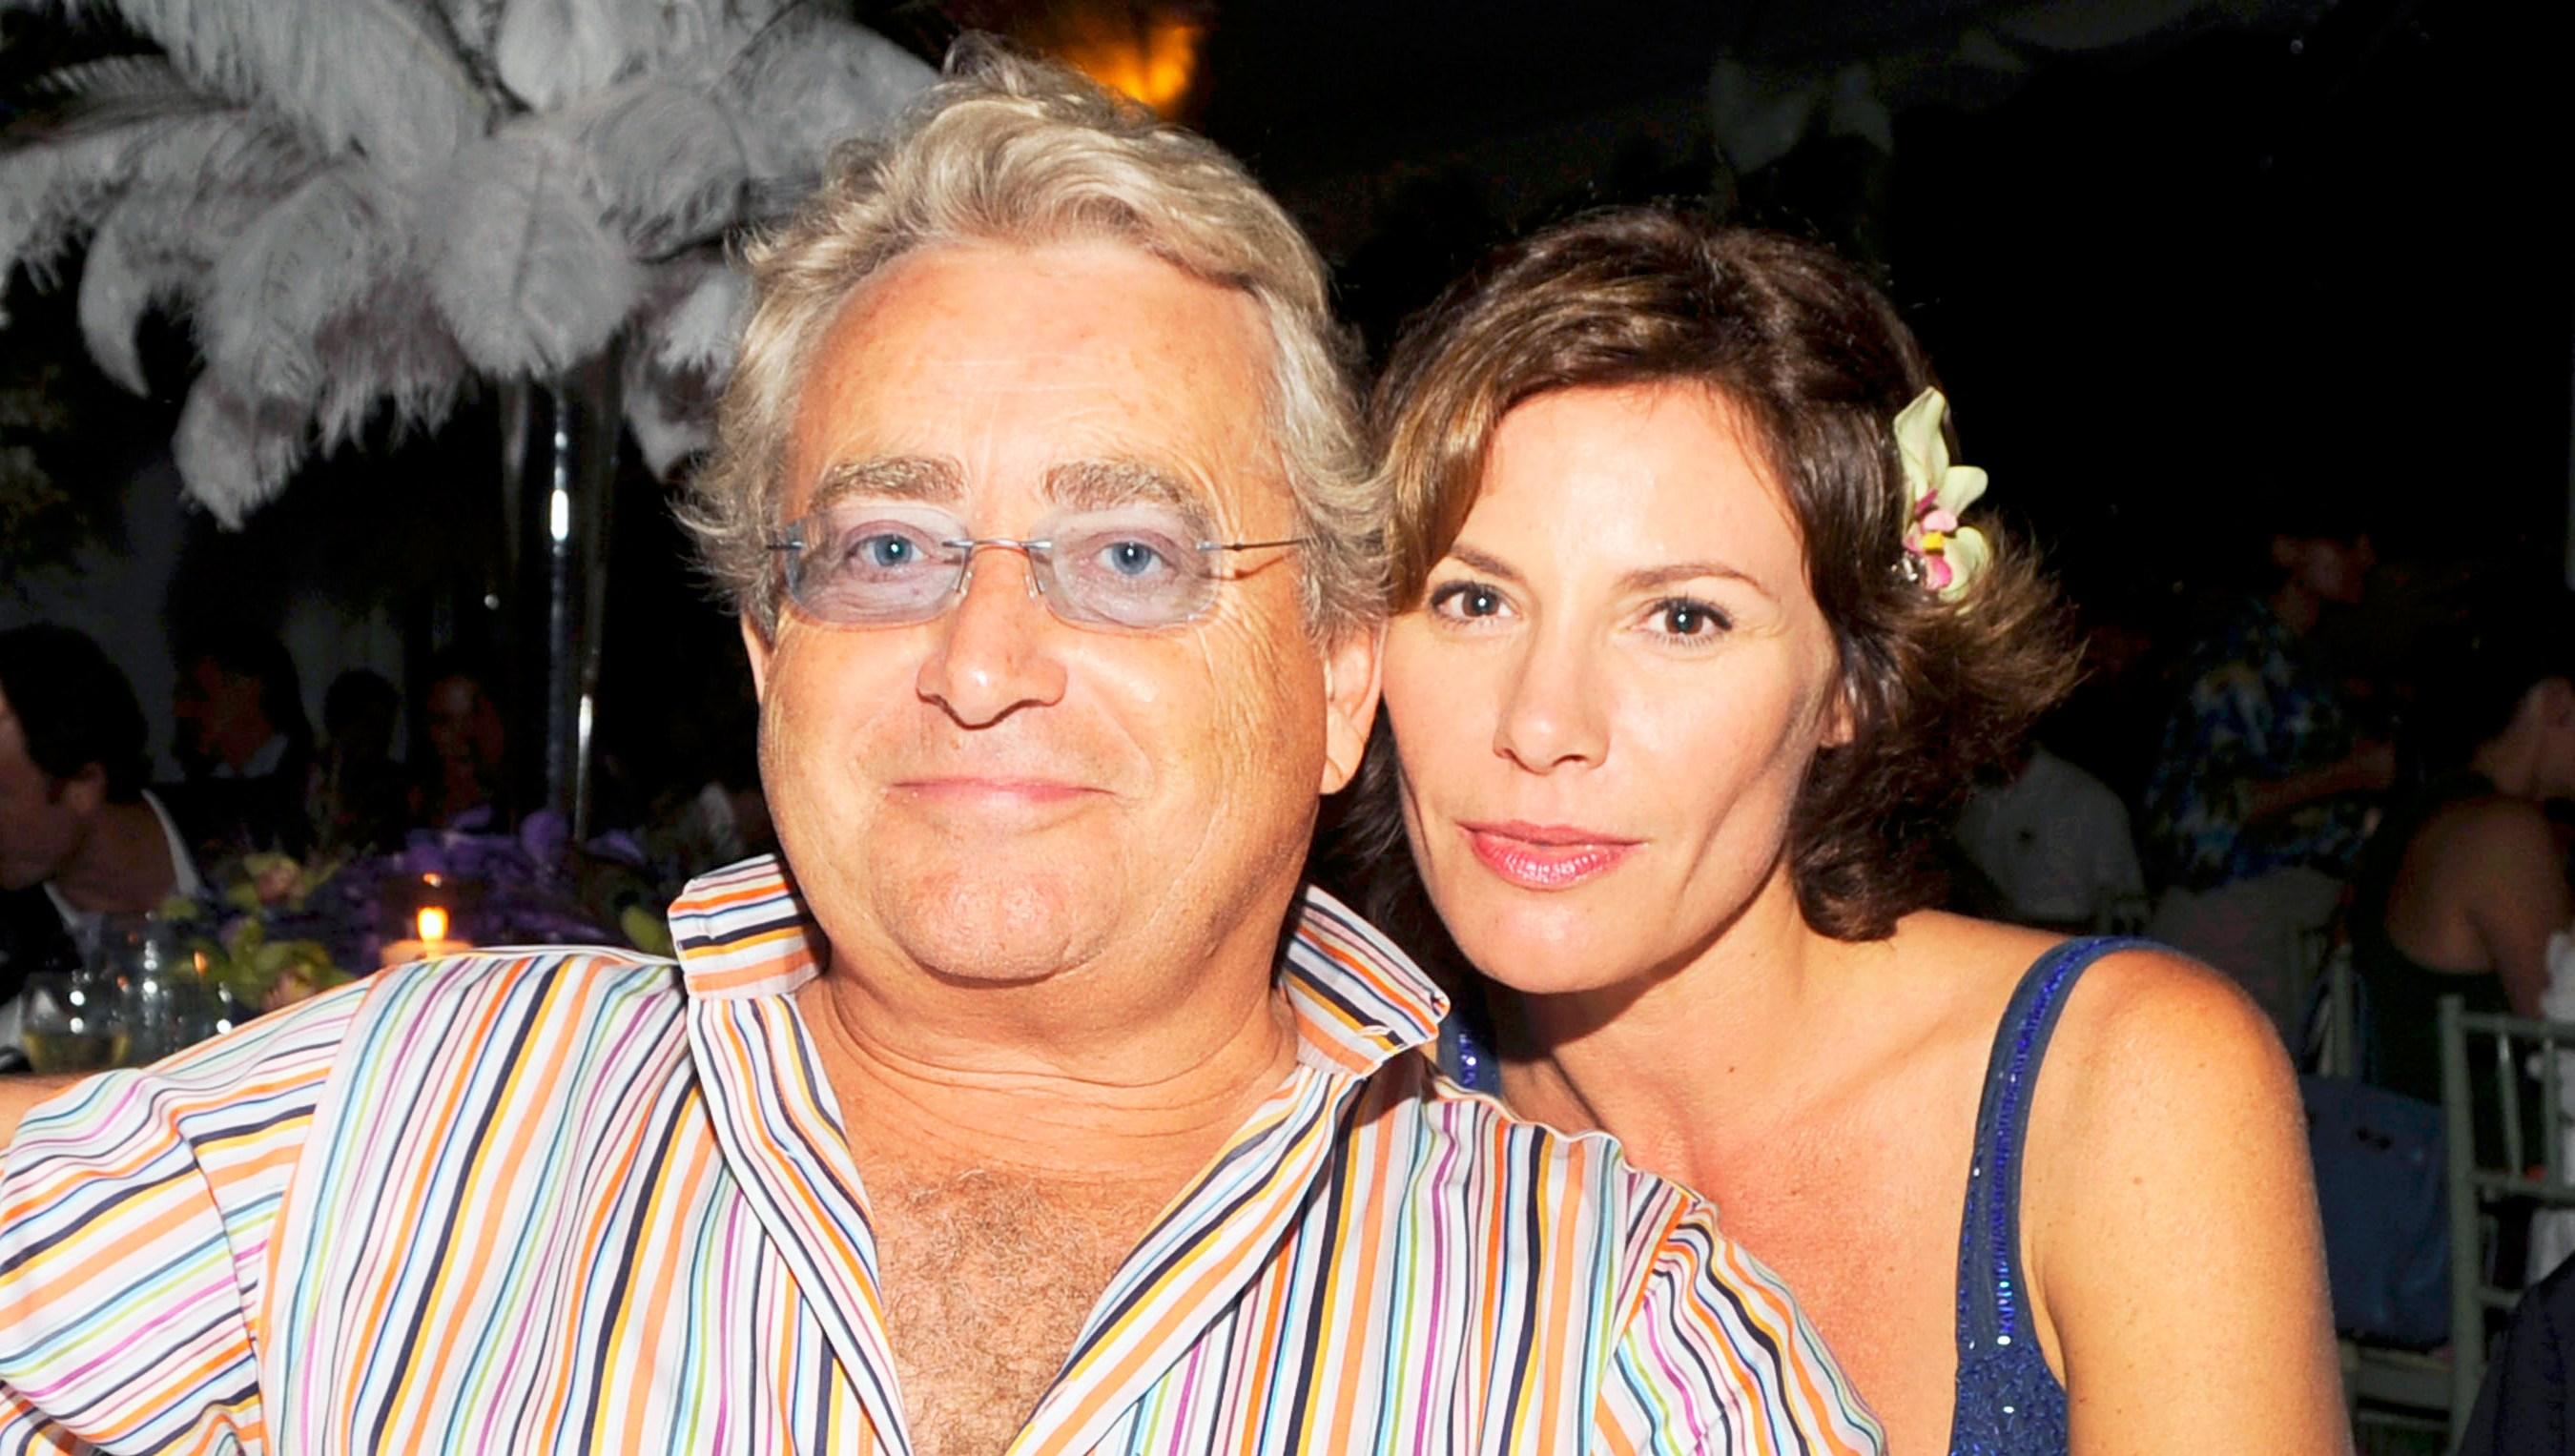 Alexandre de Lesseps and Luann de Lesseps attend 2008 Best Buddies Hamptons Bash at Watermill.